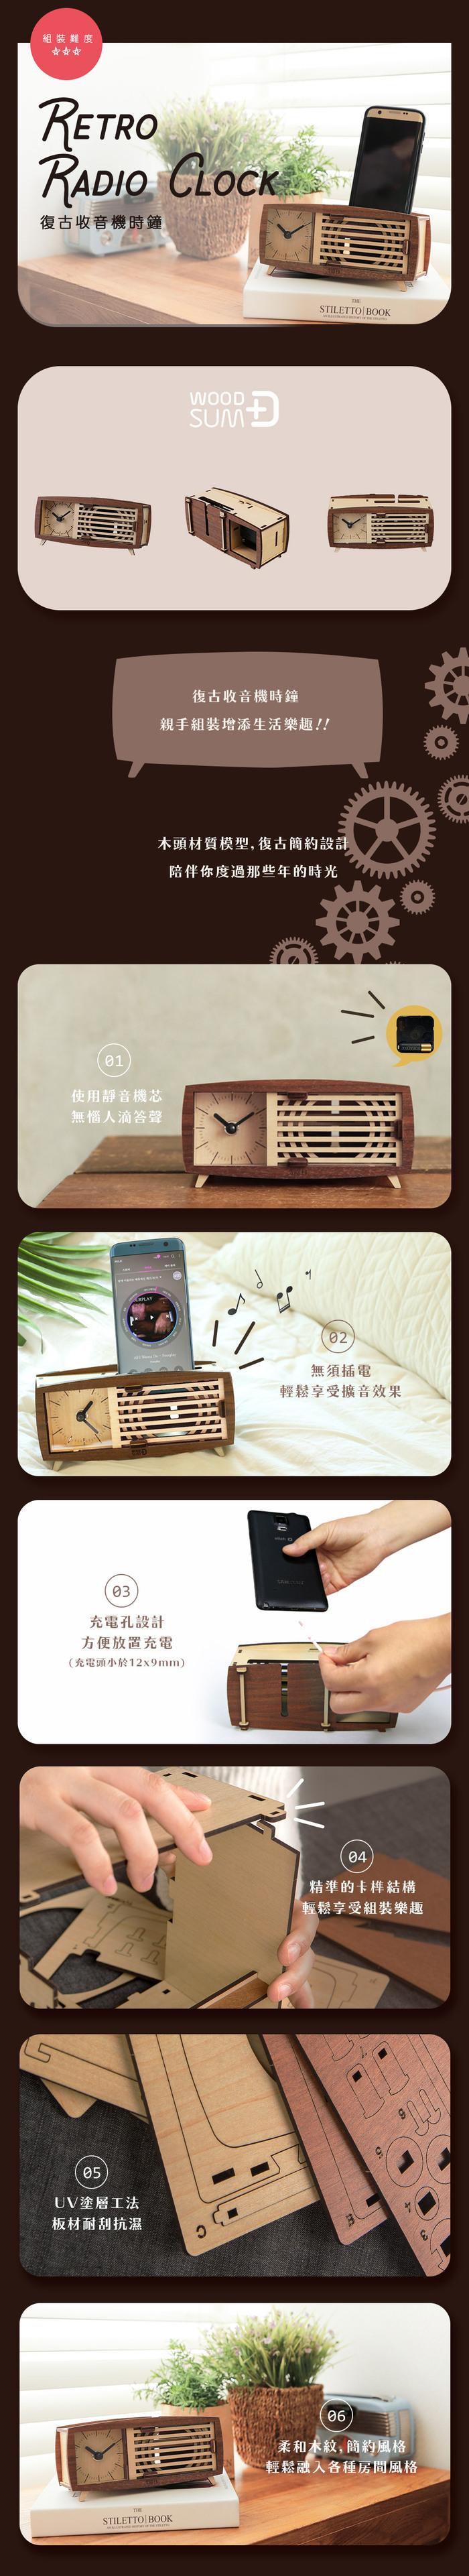 (複製)WOODSUM 輕手作。木製模型 - 經典雙鈴造型鐘